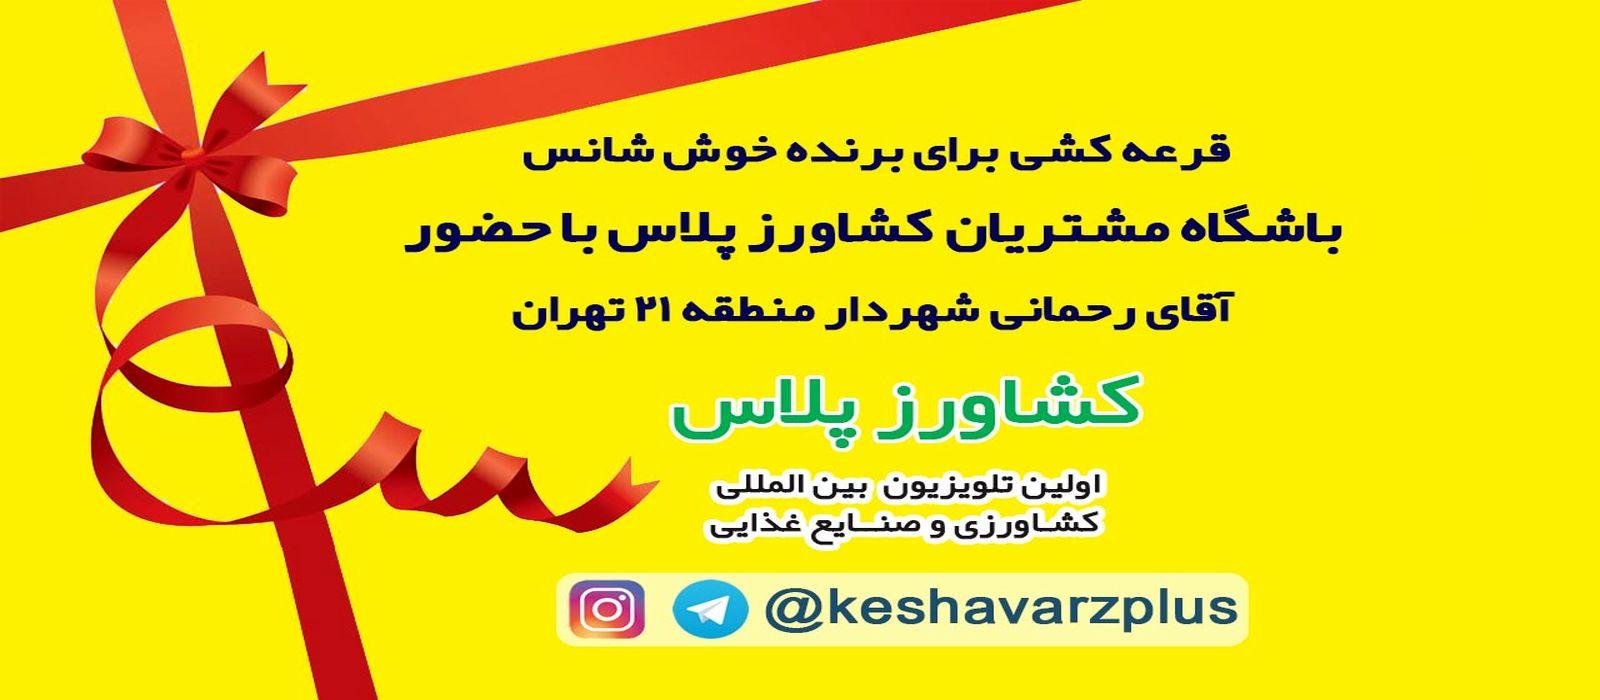 قرعه کشی باشگاه مشتریان کشاورز پلاس با حضور آقای رحمانی شهردار منطقه ۲۱ تهران